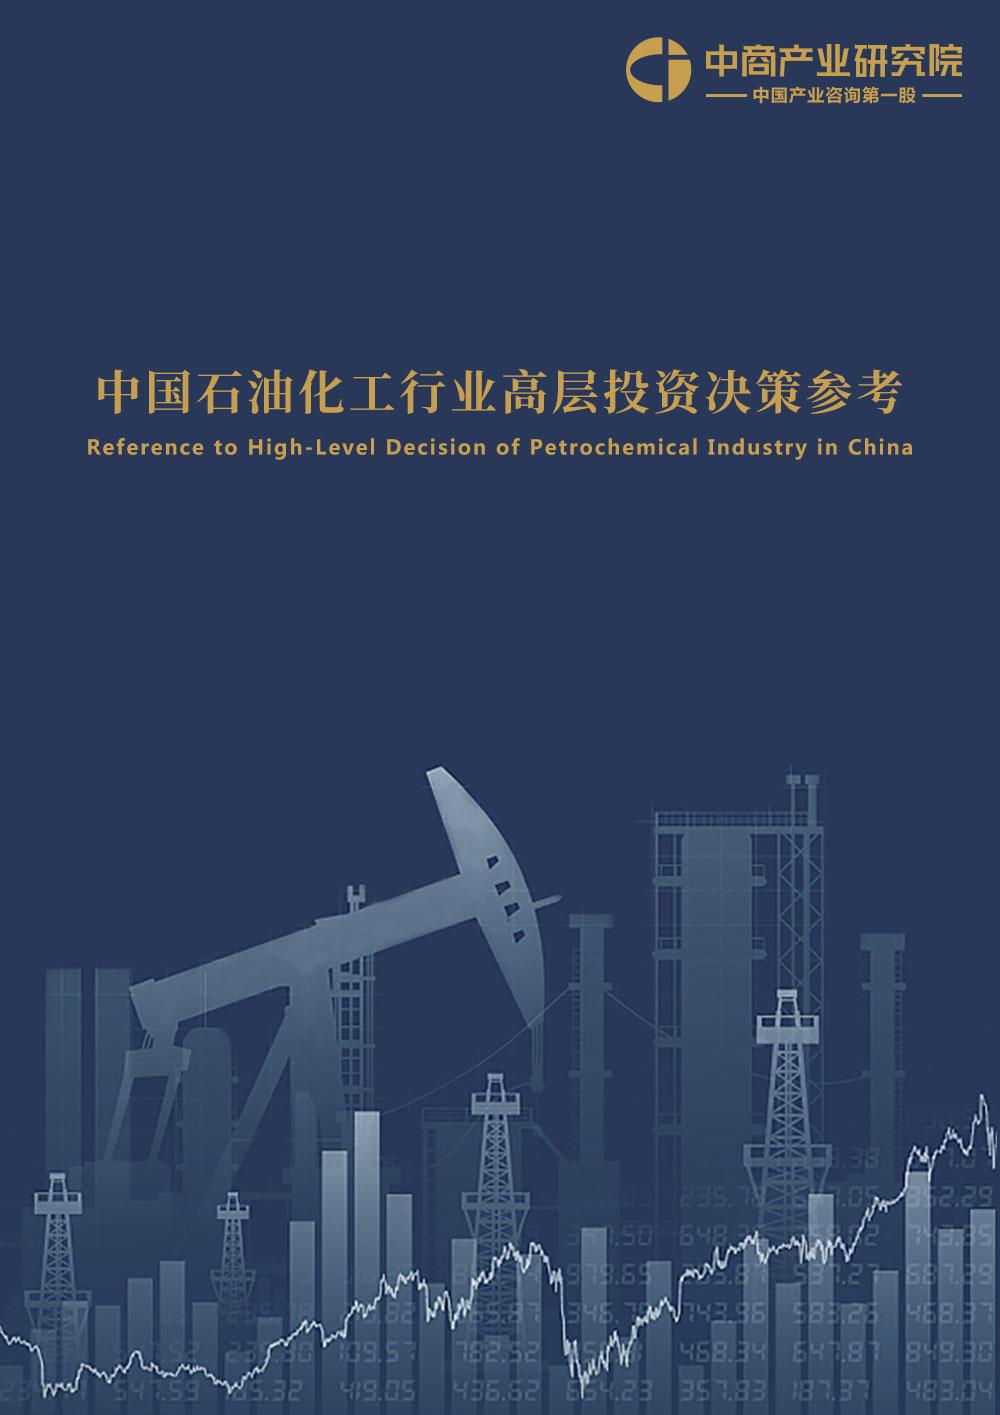 中国石油化工行业投资决策参考(2018年8月)